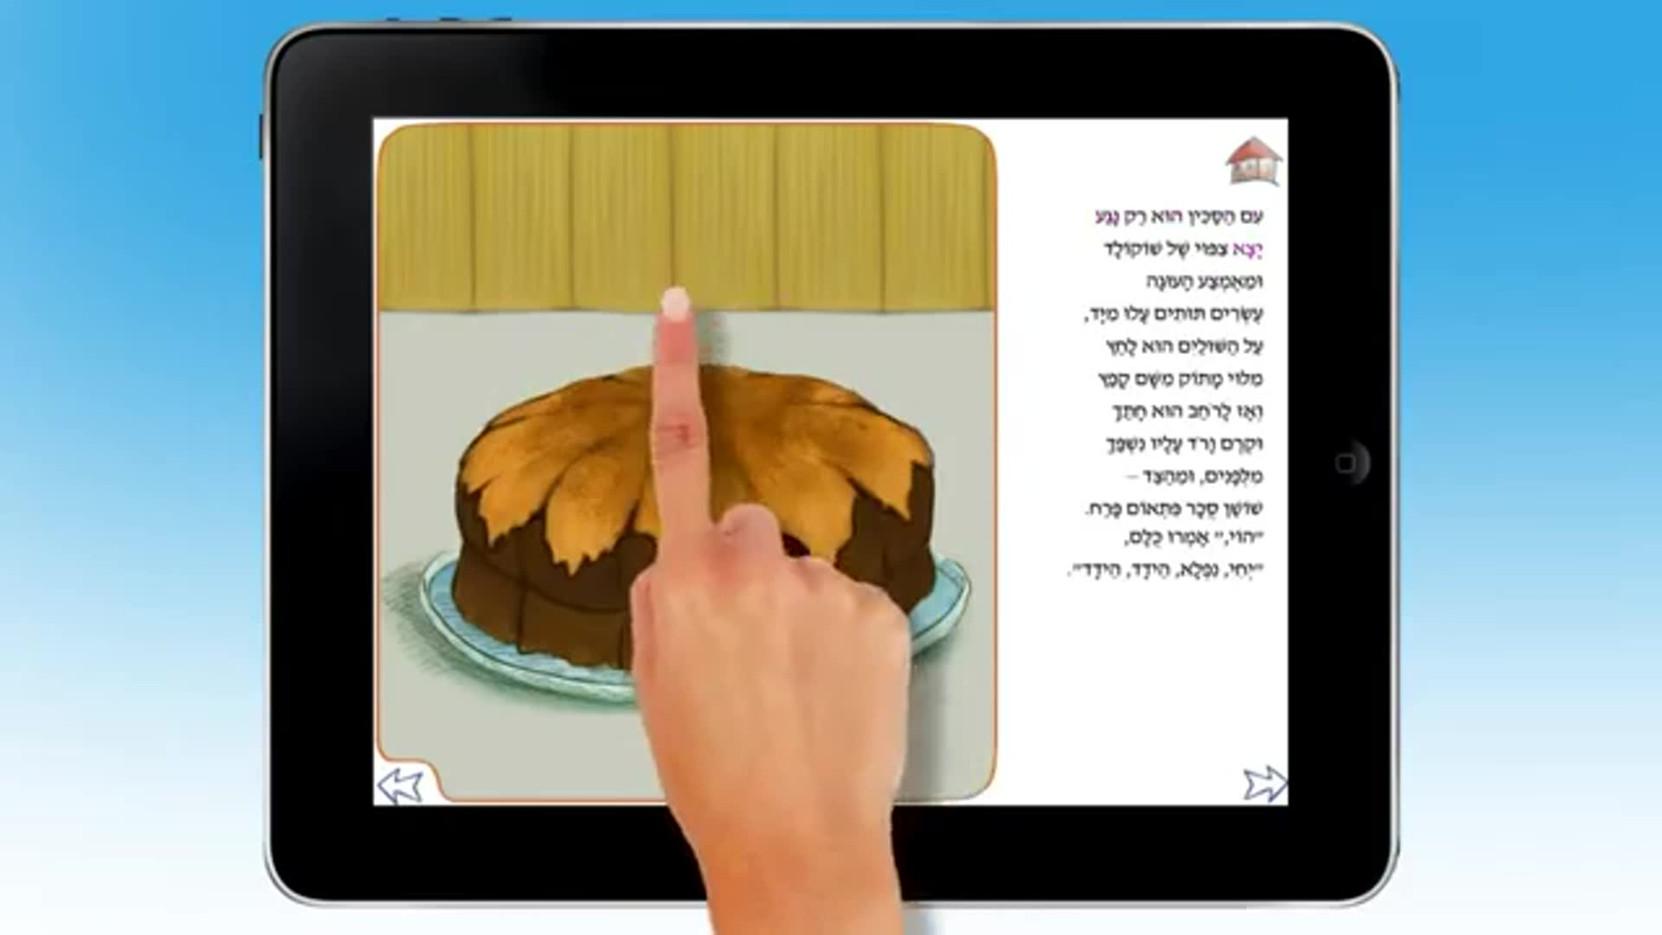 אבא עושה בושות - ספר אפליקציה מבית עברית